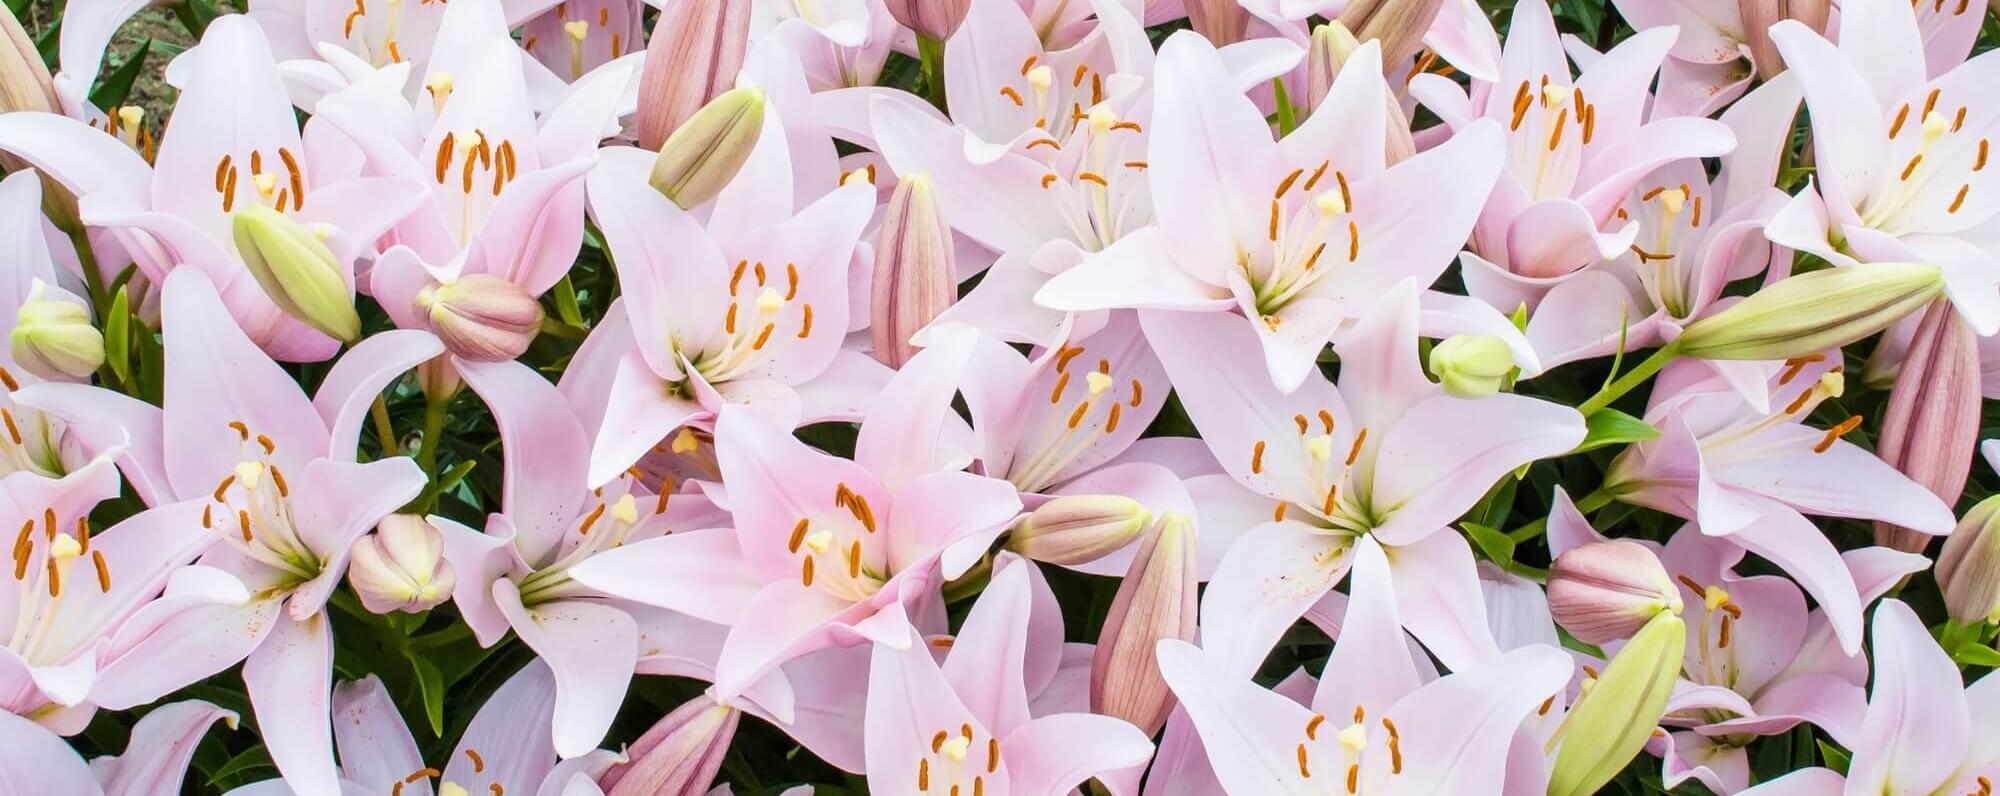 たくさんの百合の花